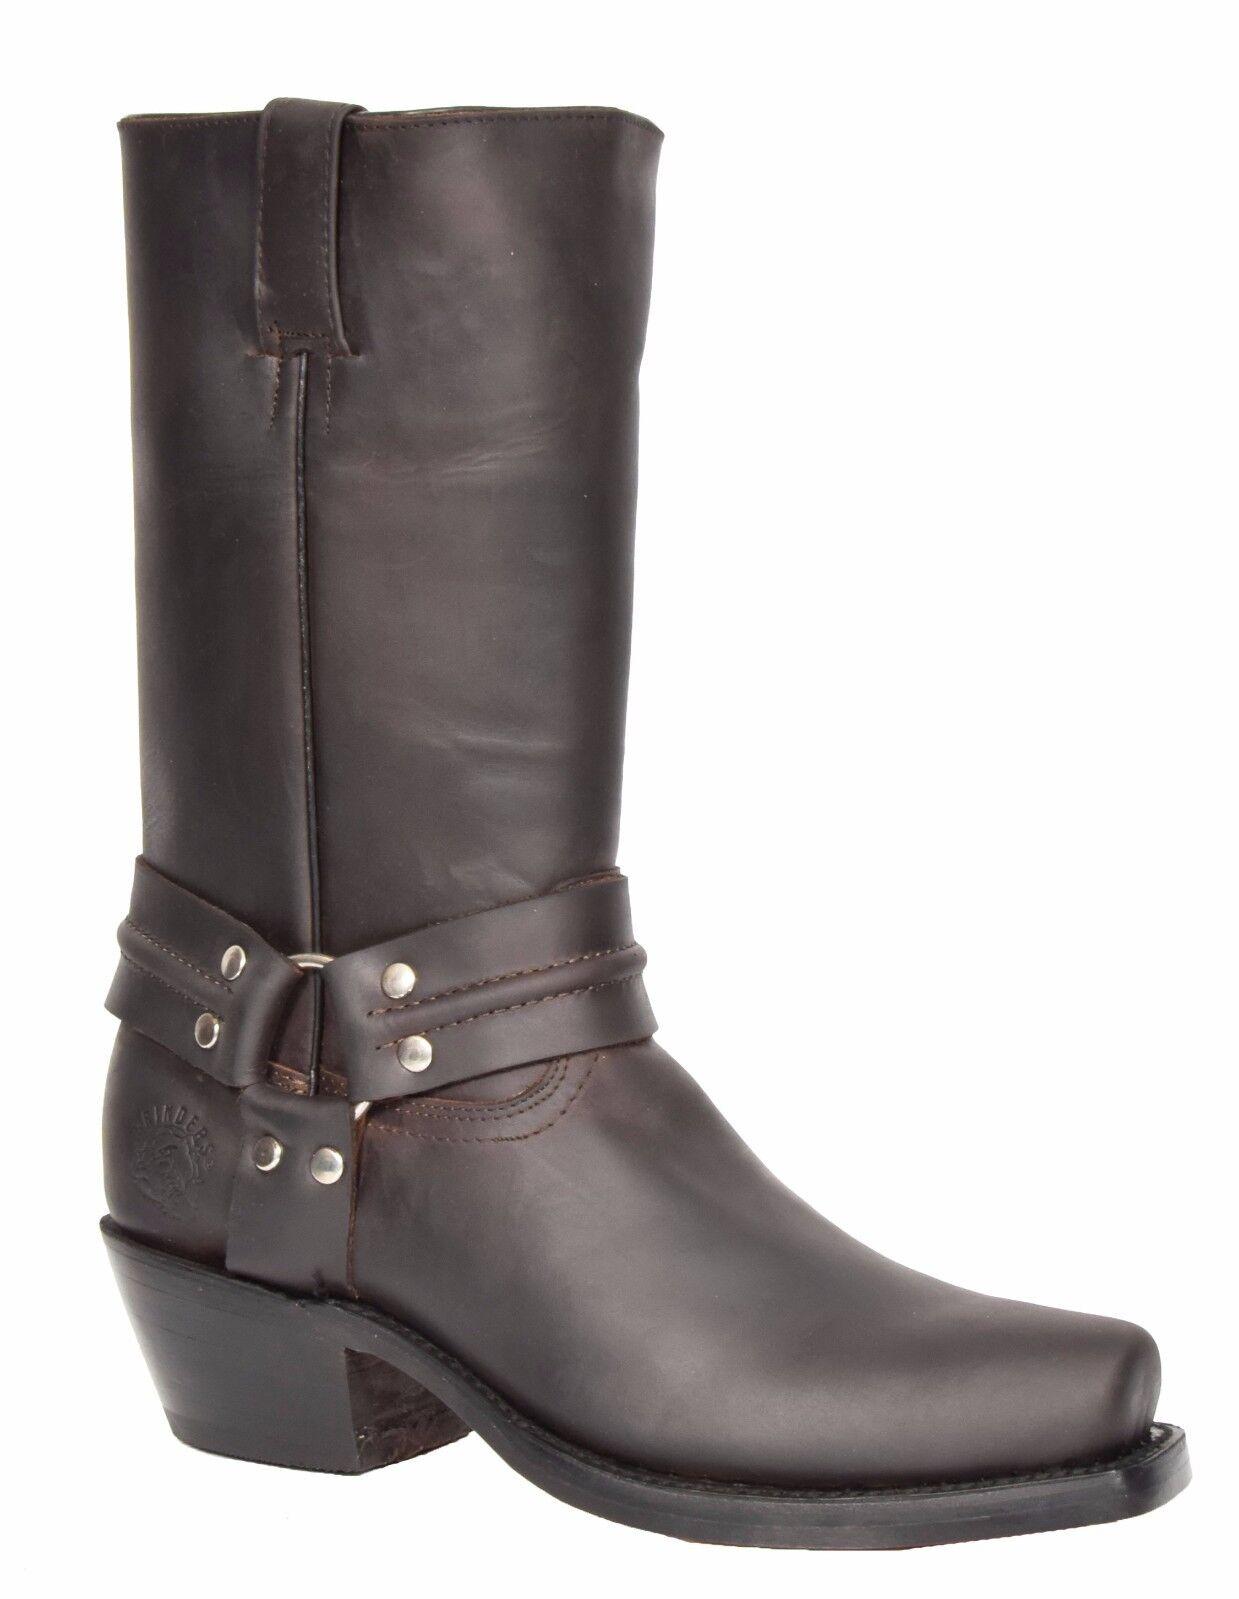 Mens Biker Boots Cowboy Brown Leather Slip On Square Toe Designer Grinders Boots